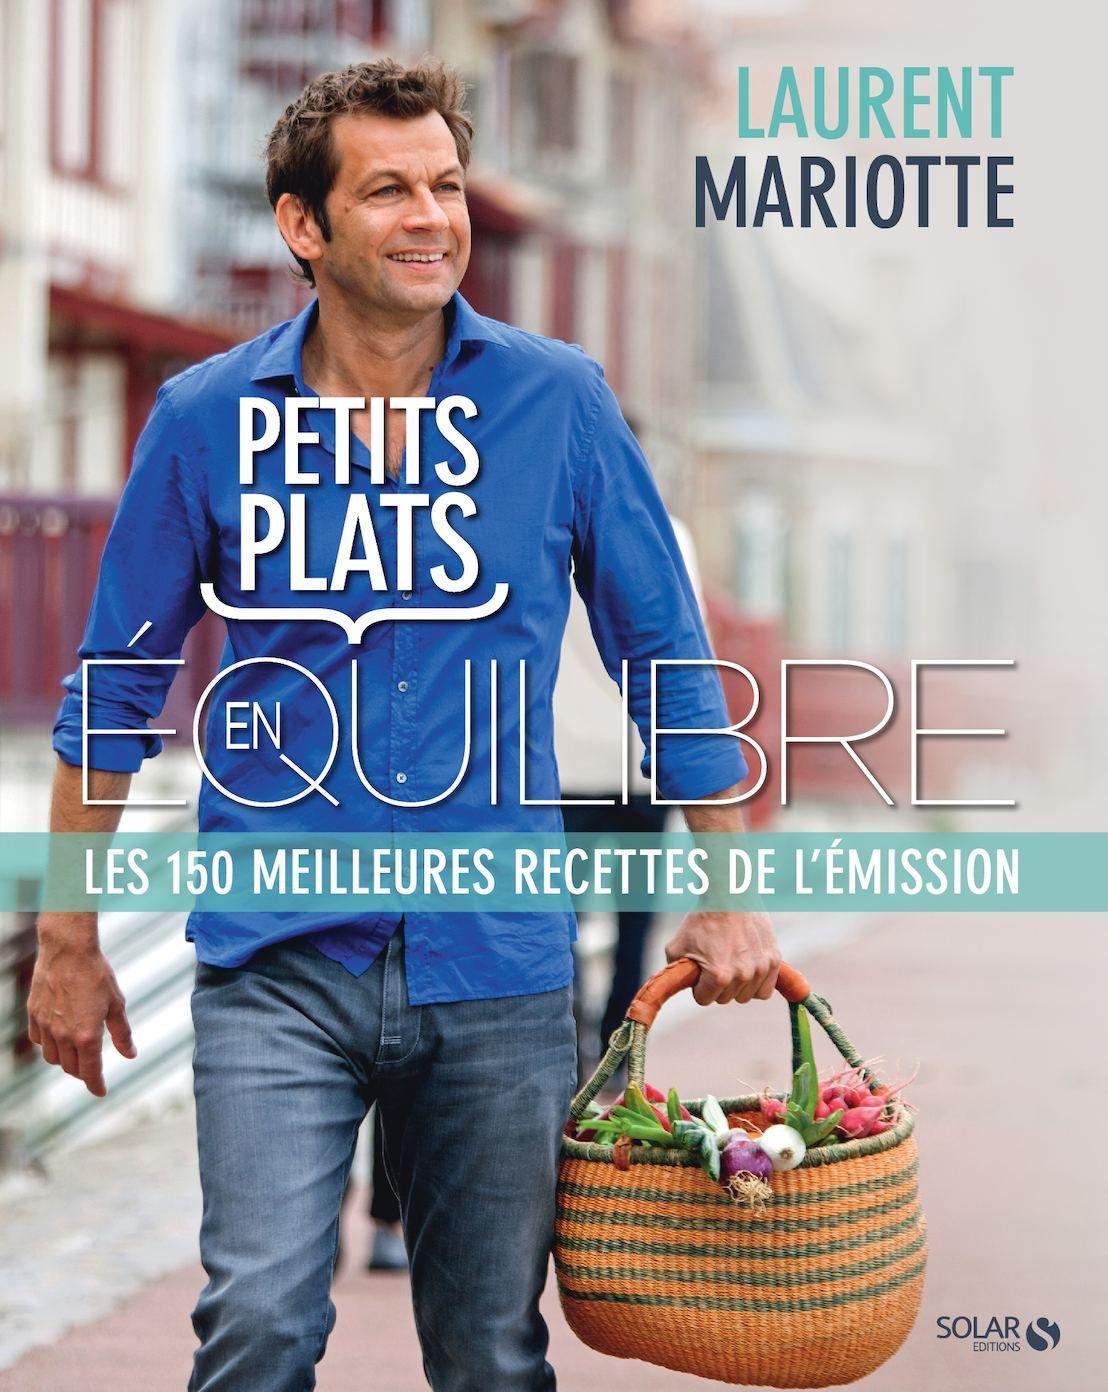 Petits Plats En Equilibres : petits, plats, equilibres, Petits, Plats, équilibre, Equilibre,, Laurent, Mariotte,